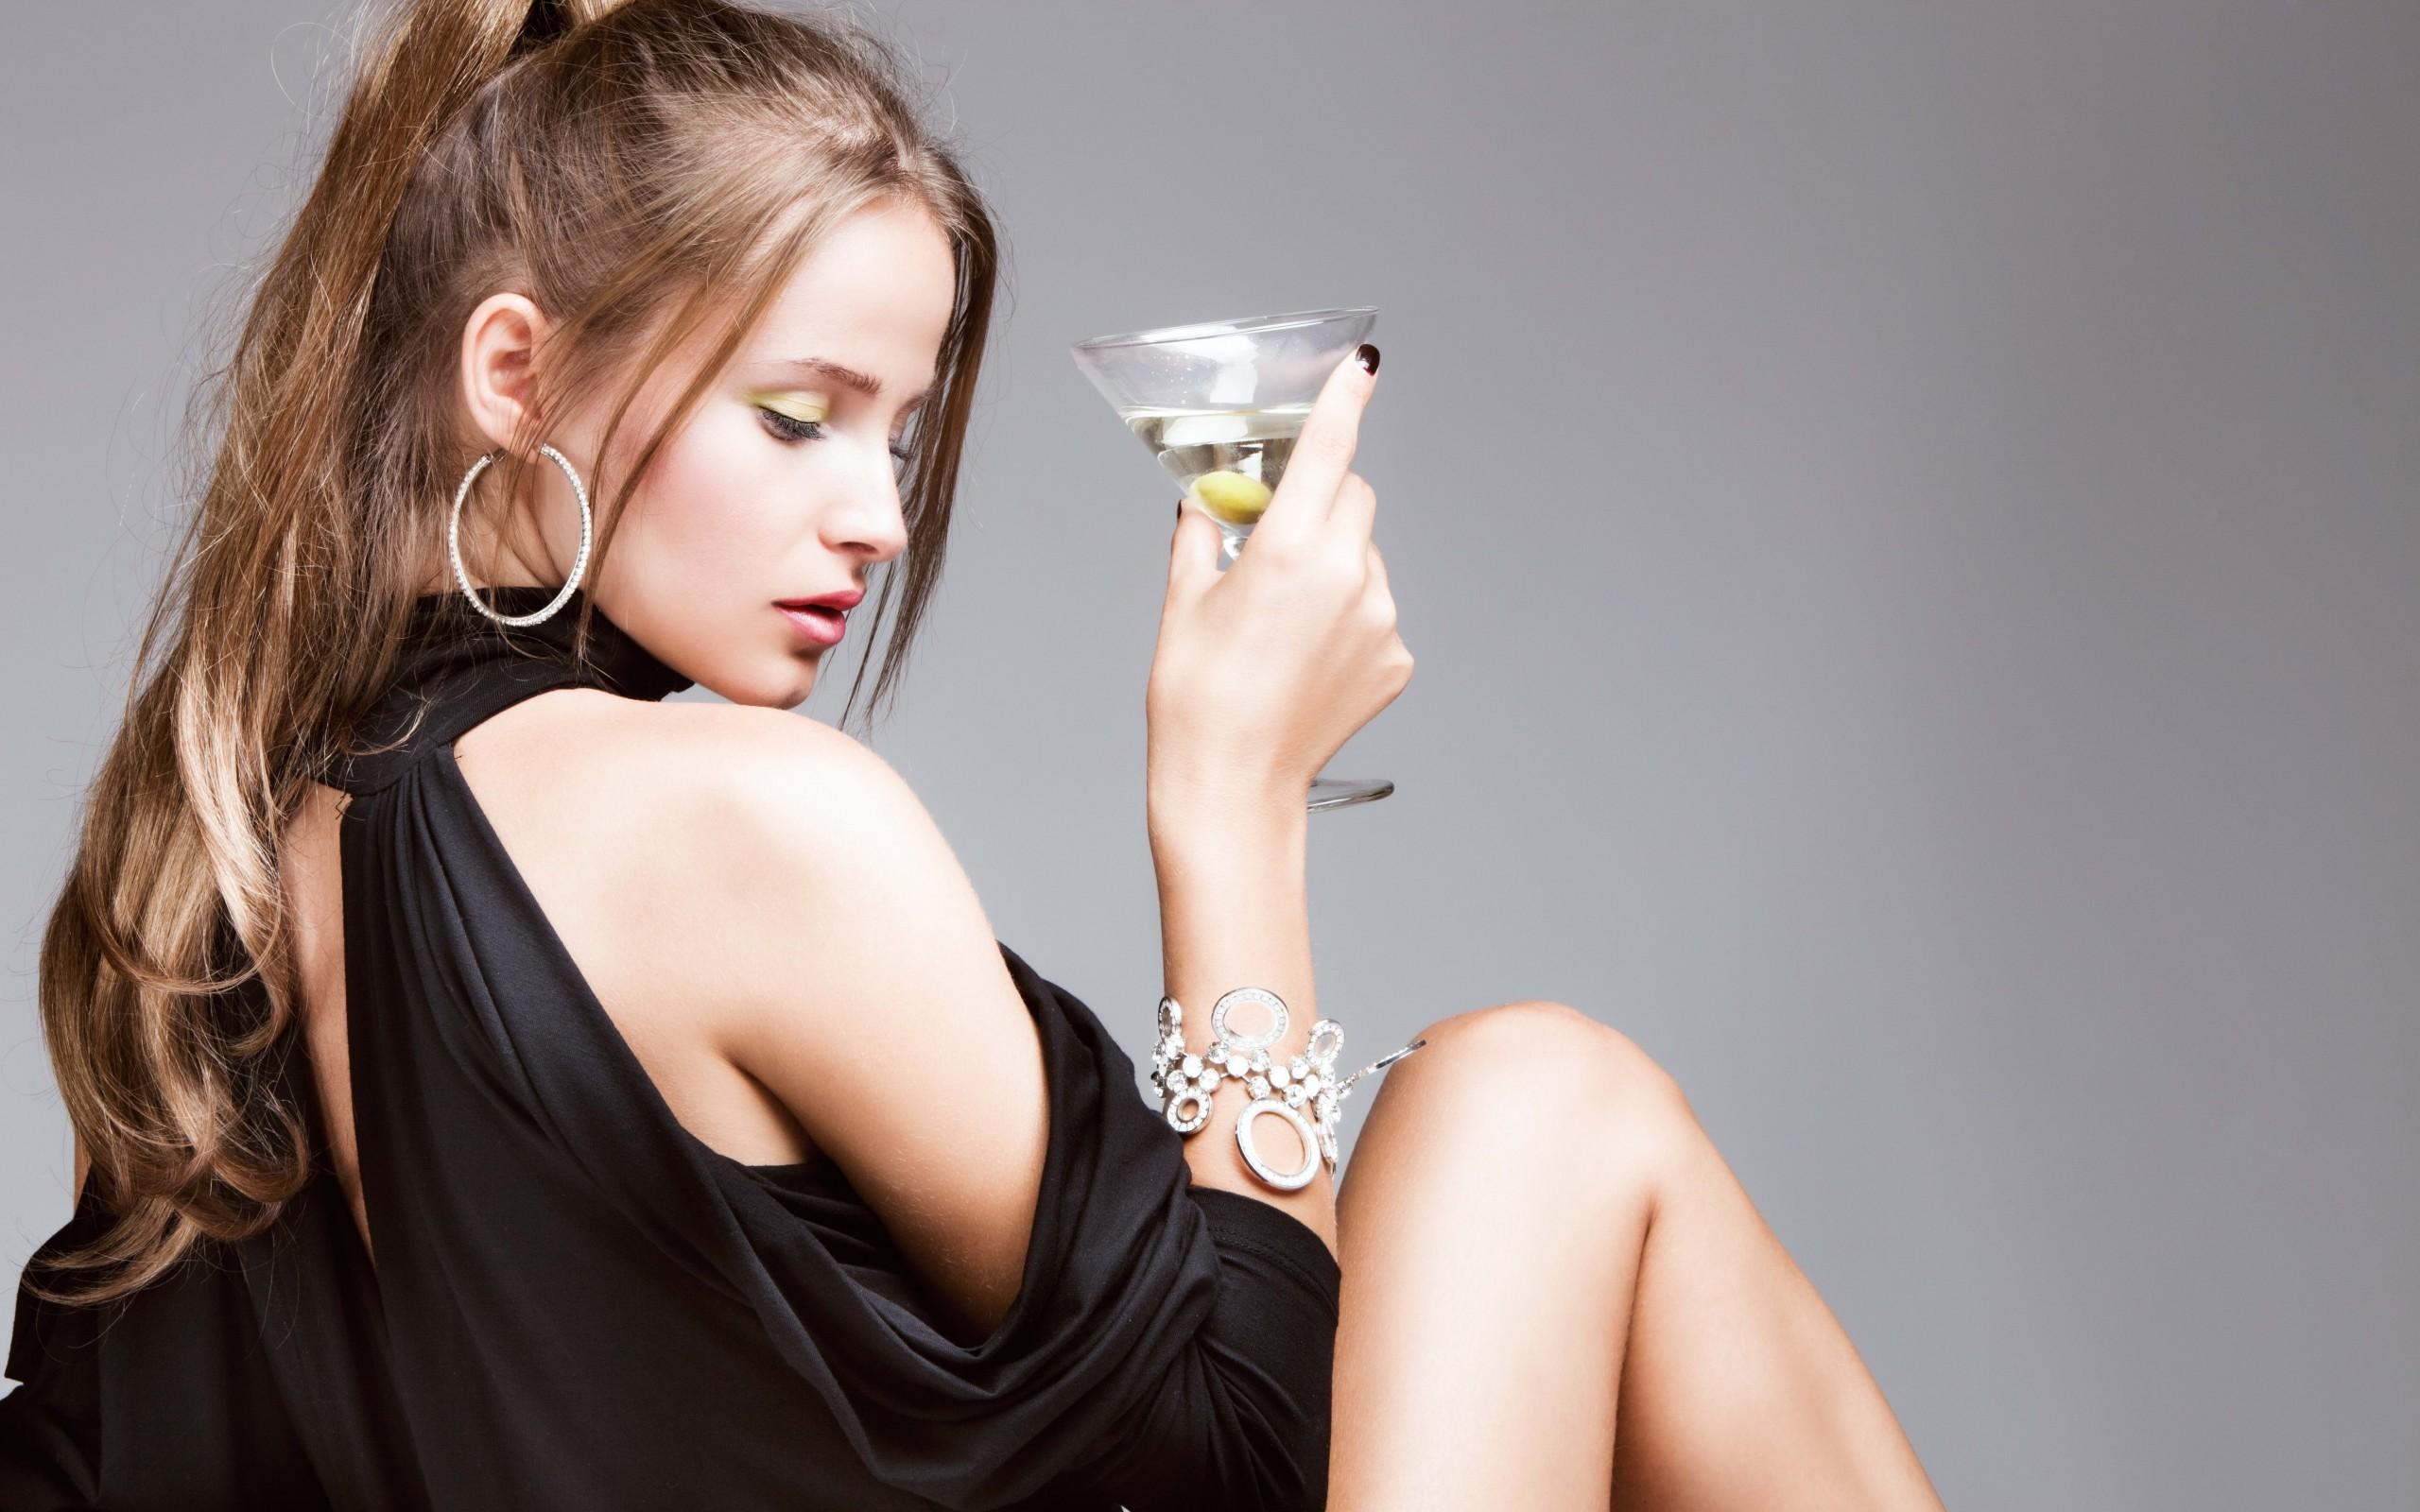 Con una copa de martini - 2560x1600